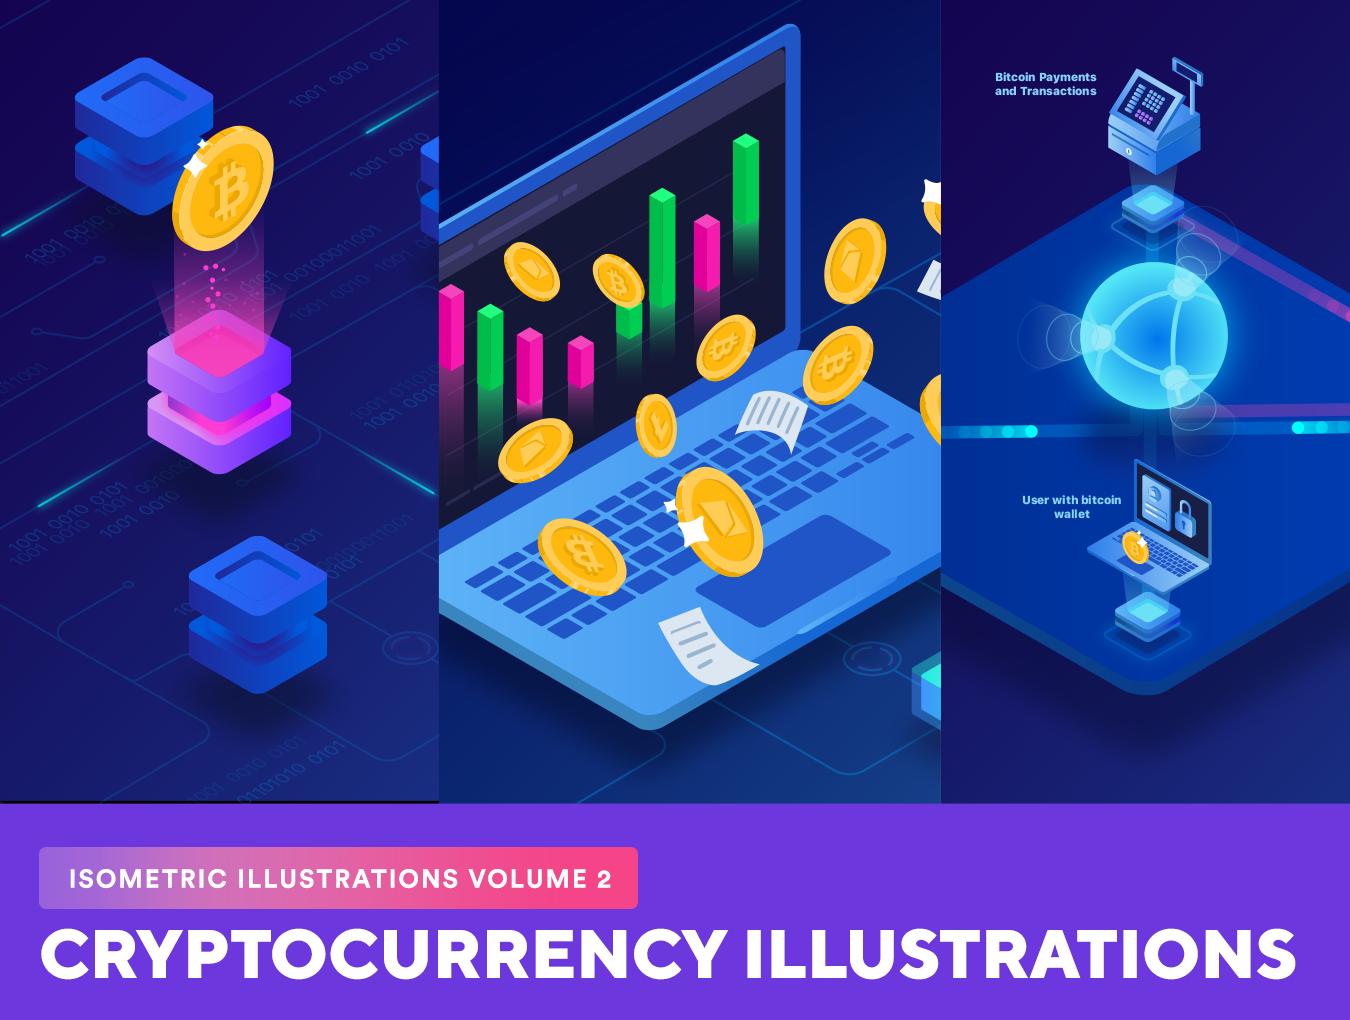 20个等距金融业务加密货币矢量插画素材 Isometric Illustrations Vol. 2插图